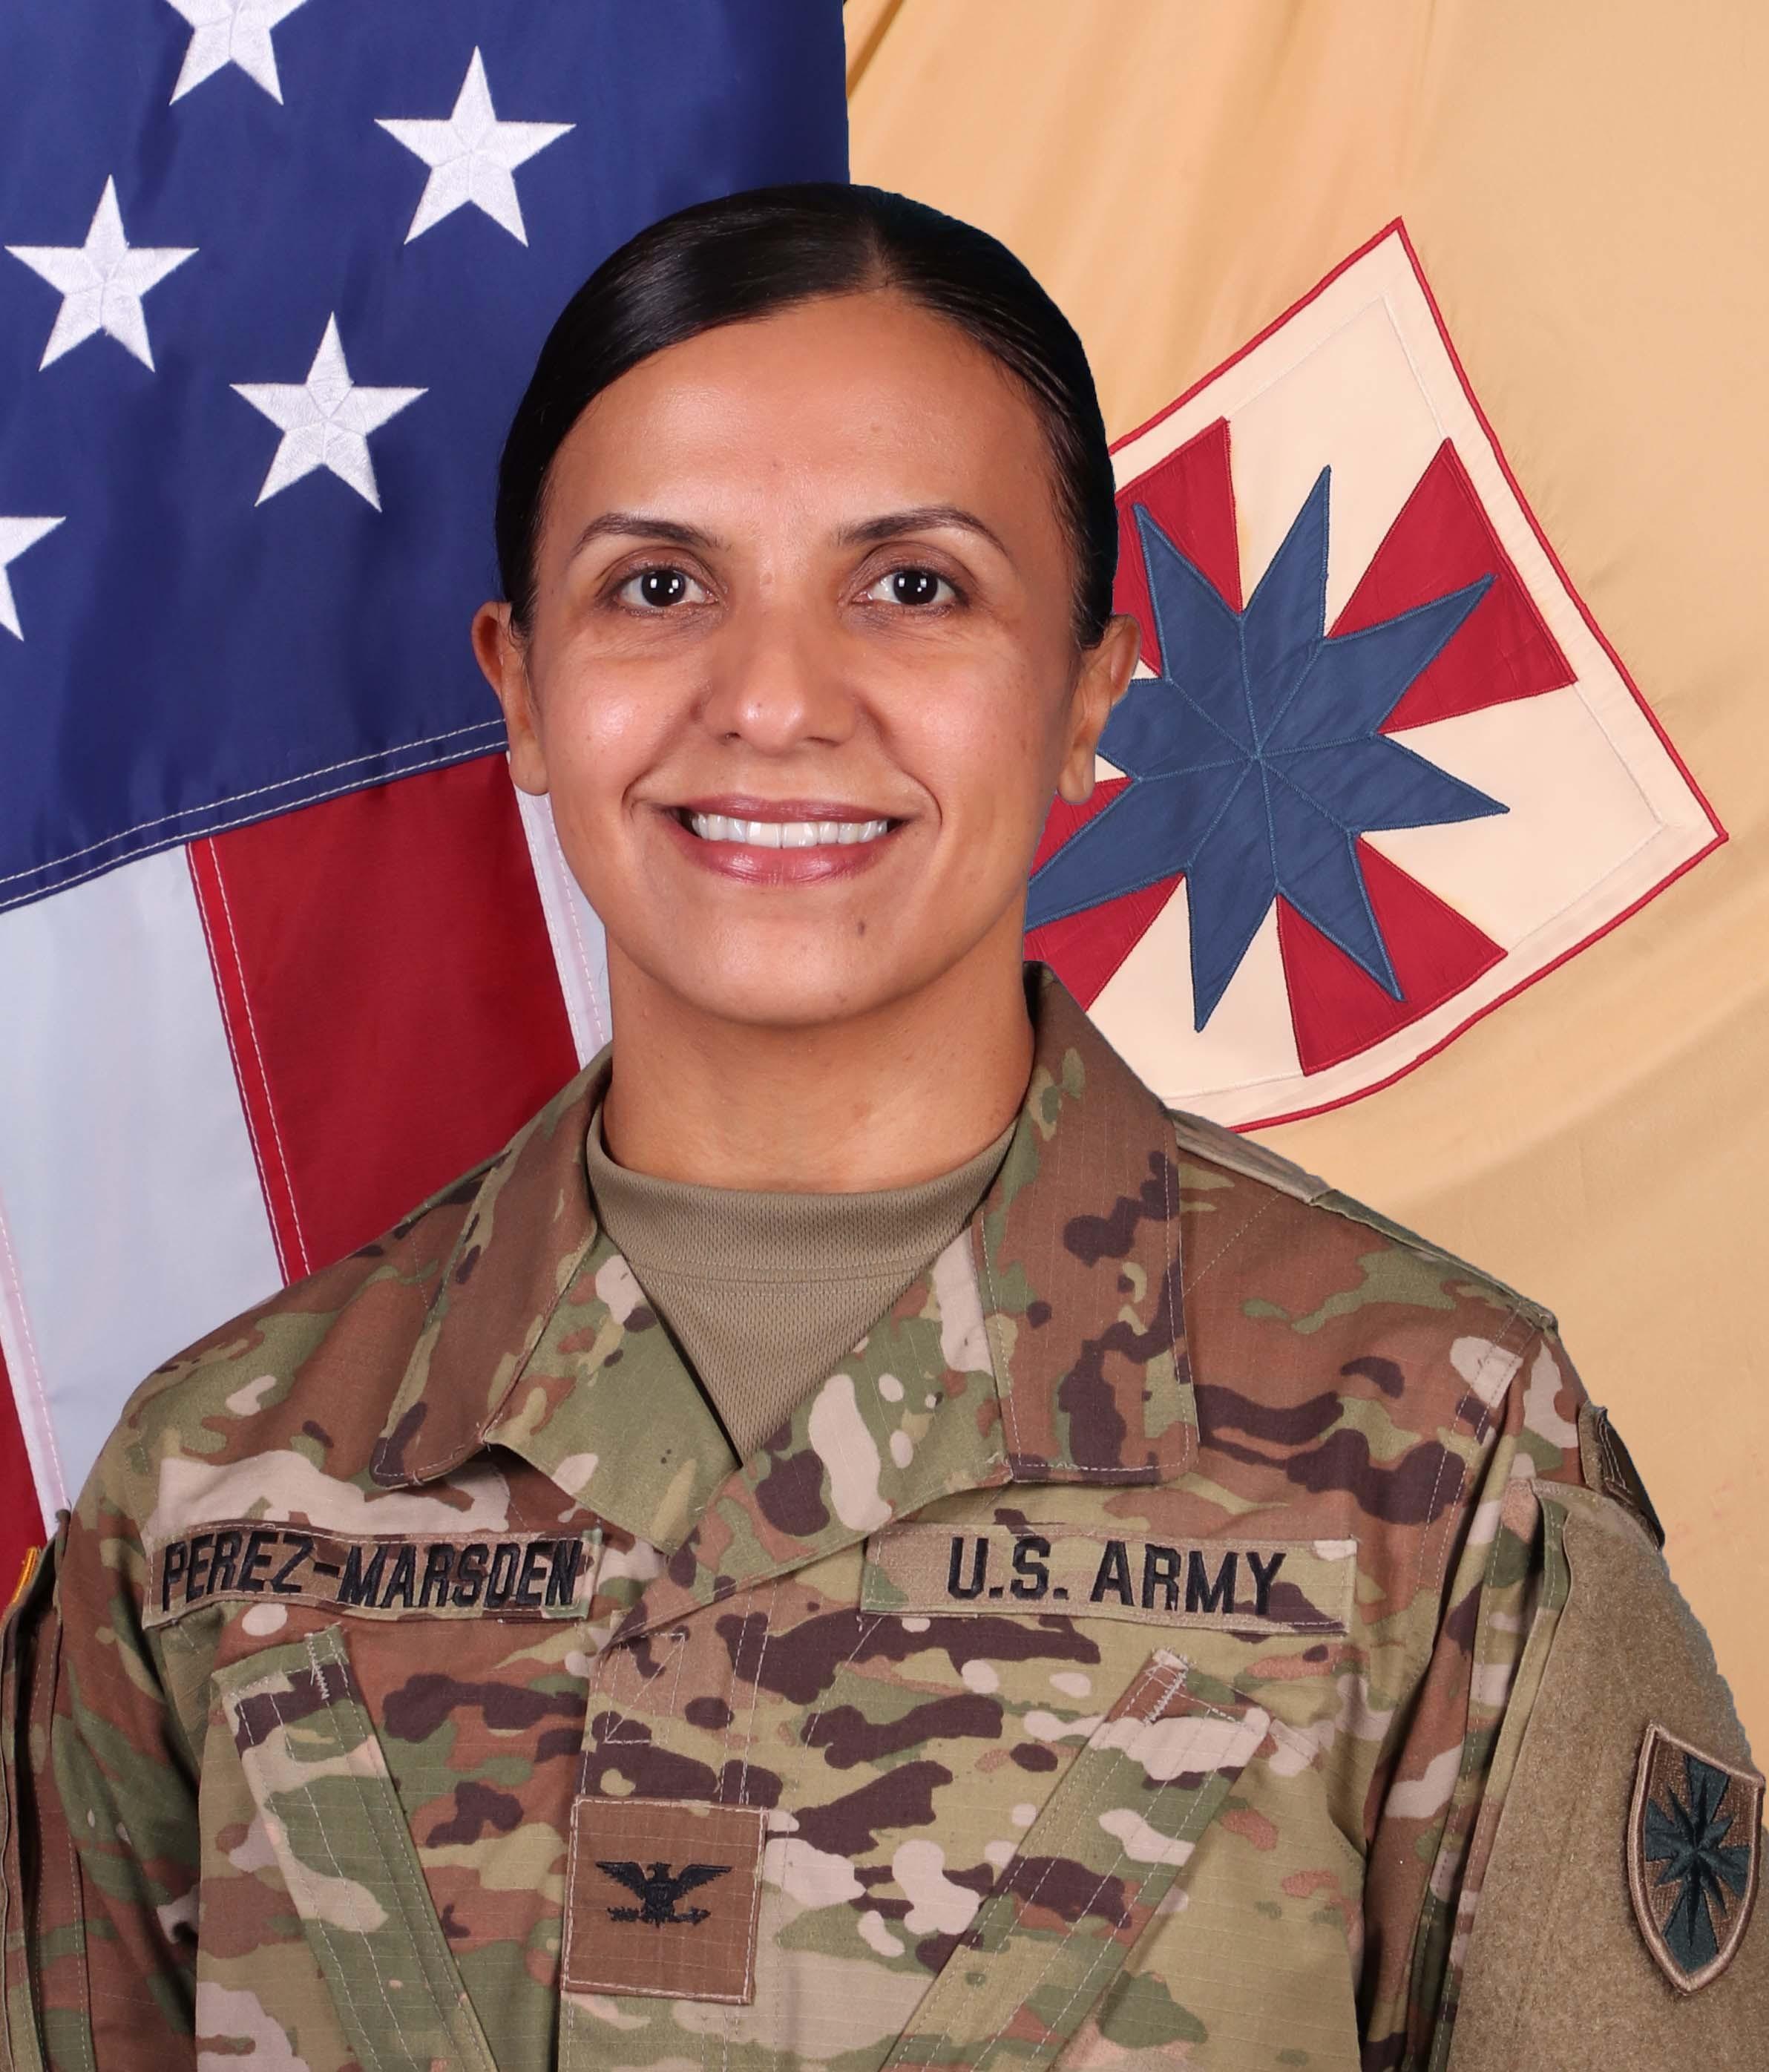 Colonel Letsy A. Perez-Marsden